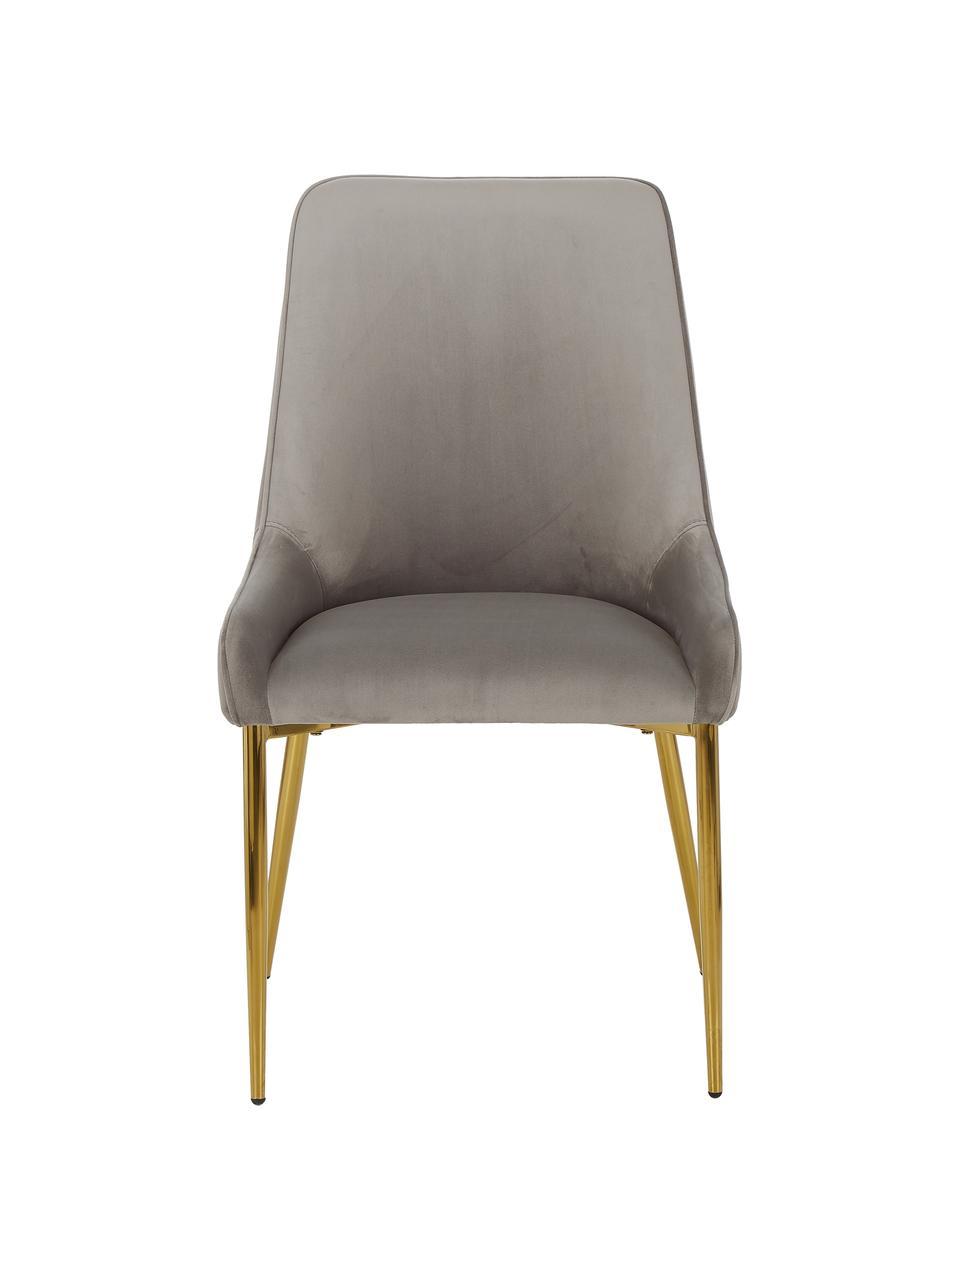 Fluwelen stoel Ava met goudkleurige poten, Bekleding: fluweel (100% polyester), Poten: gegalvaniseerd metaal, Fluweel taupe, B 55  x D 60 cm